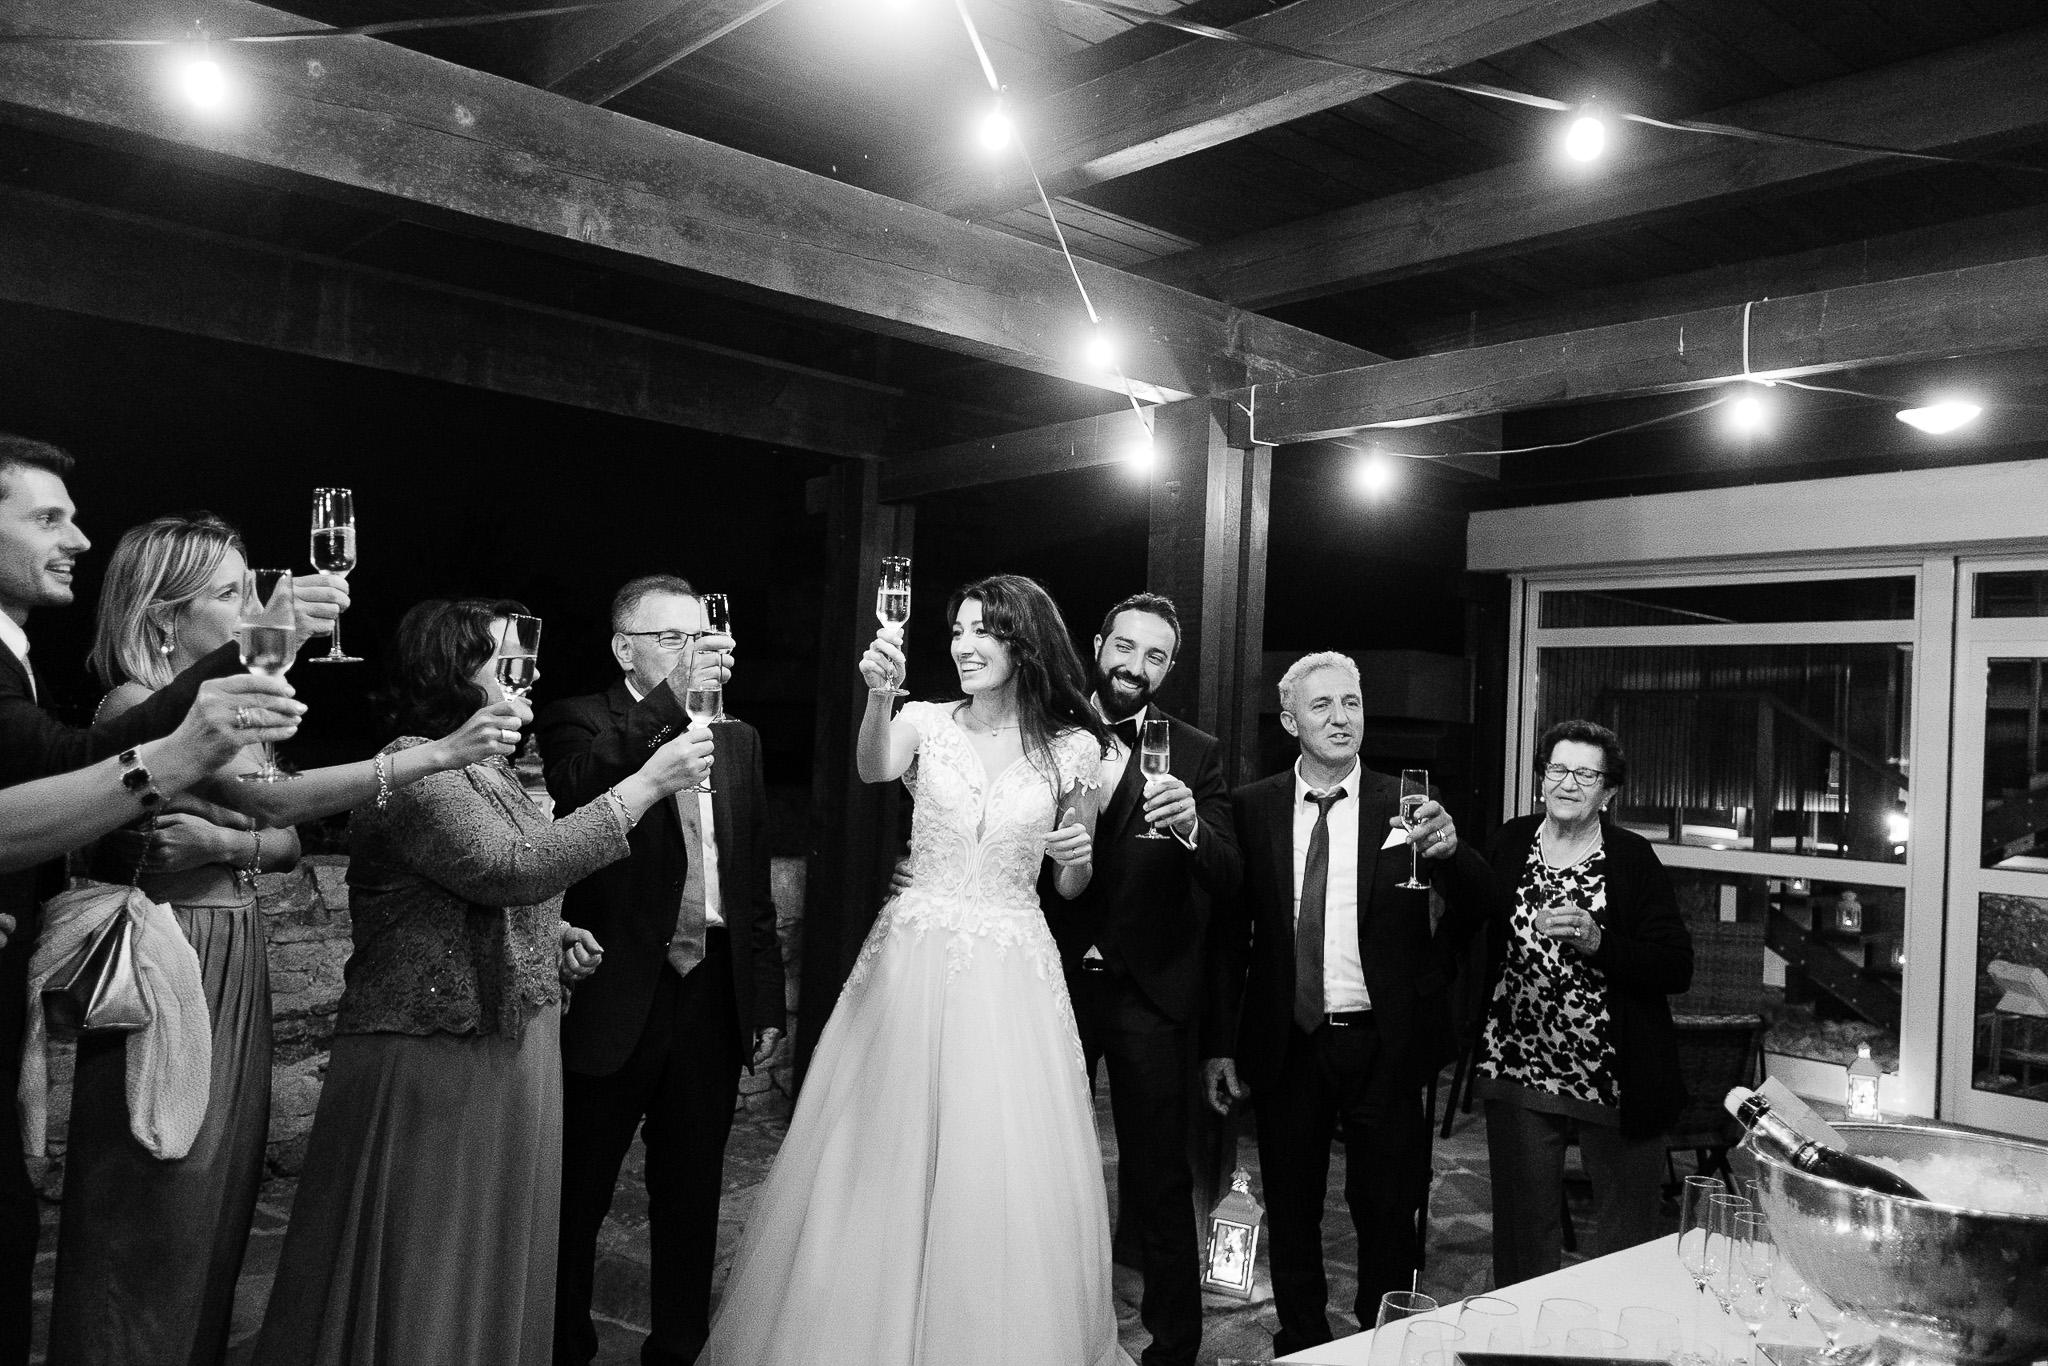 Matrimonio Lecco chiesa promessi sposi 83